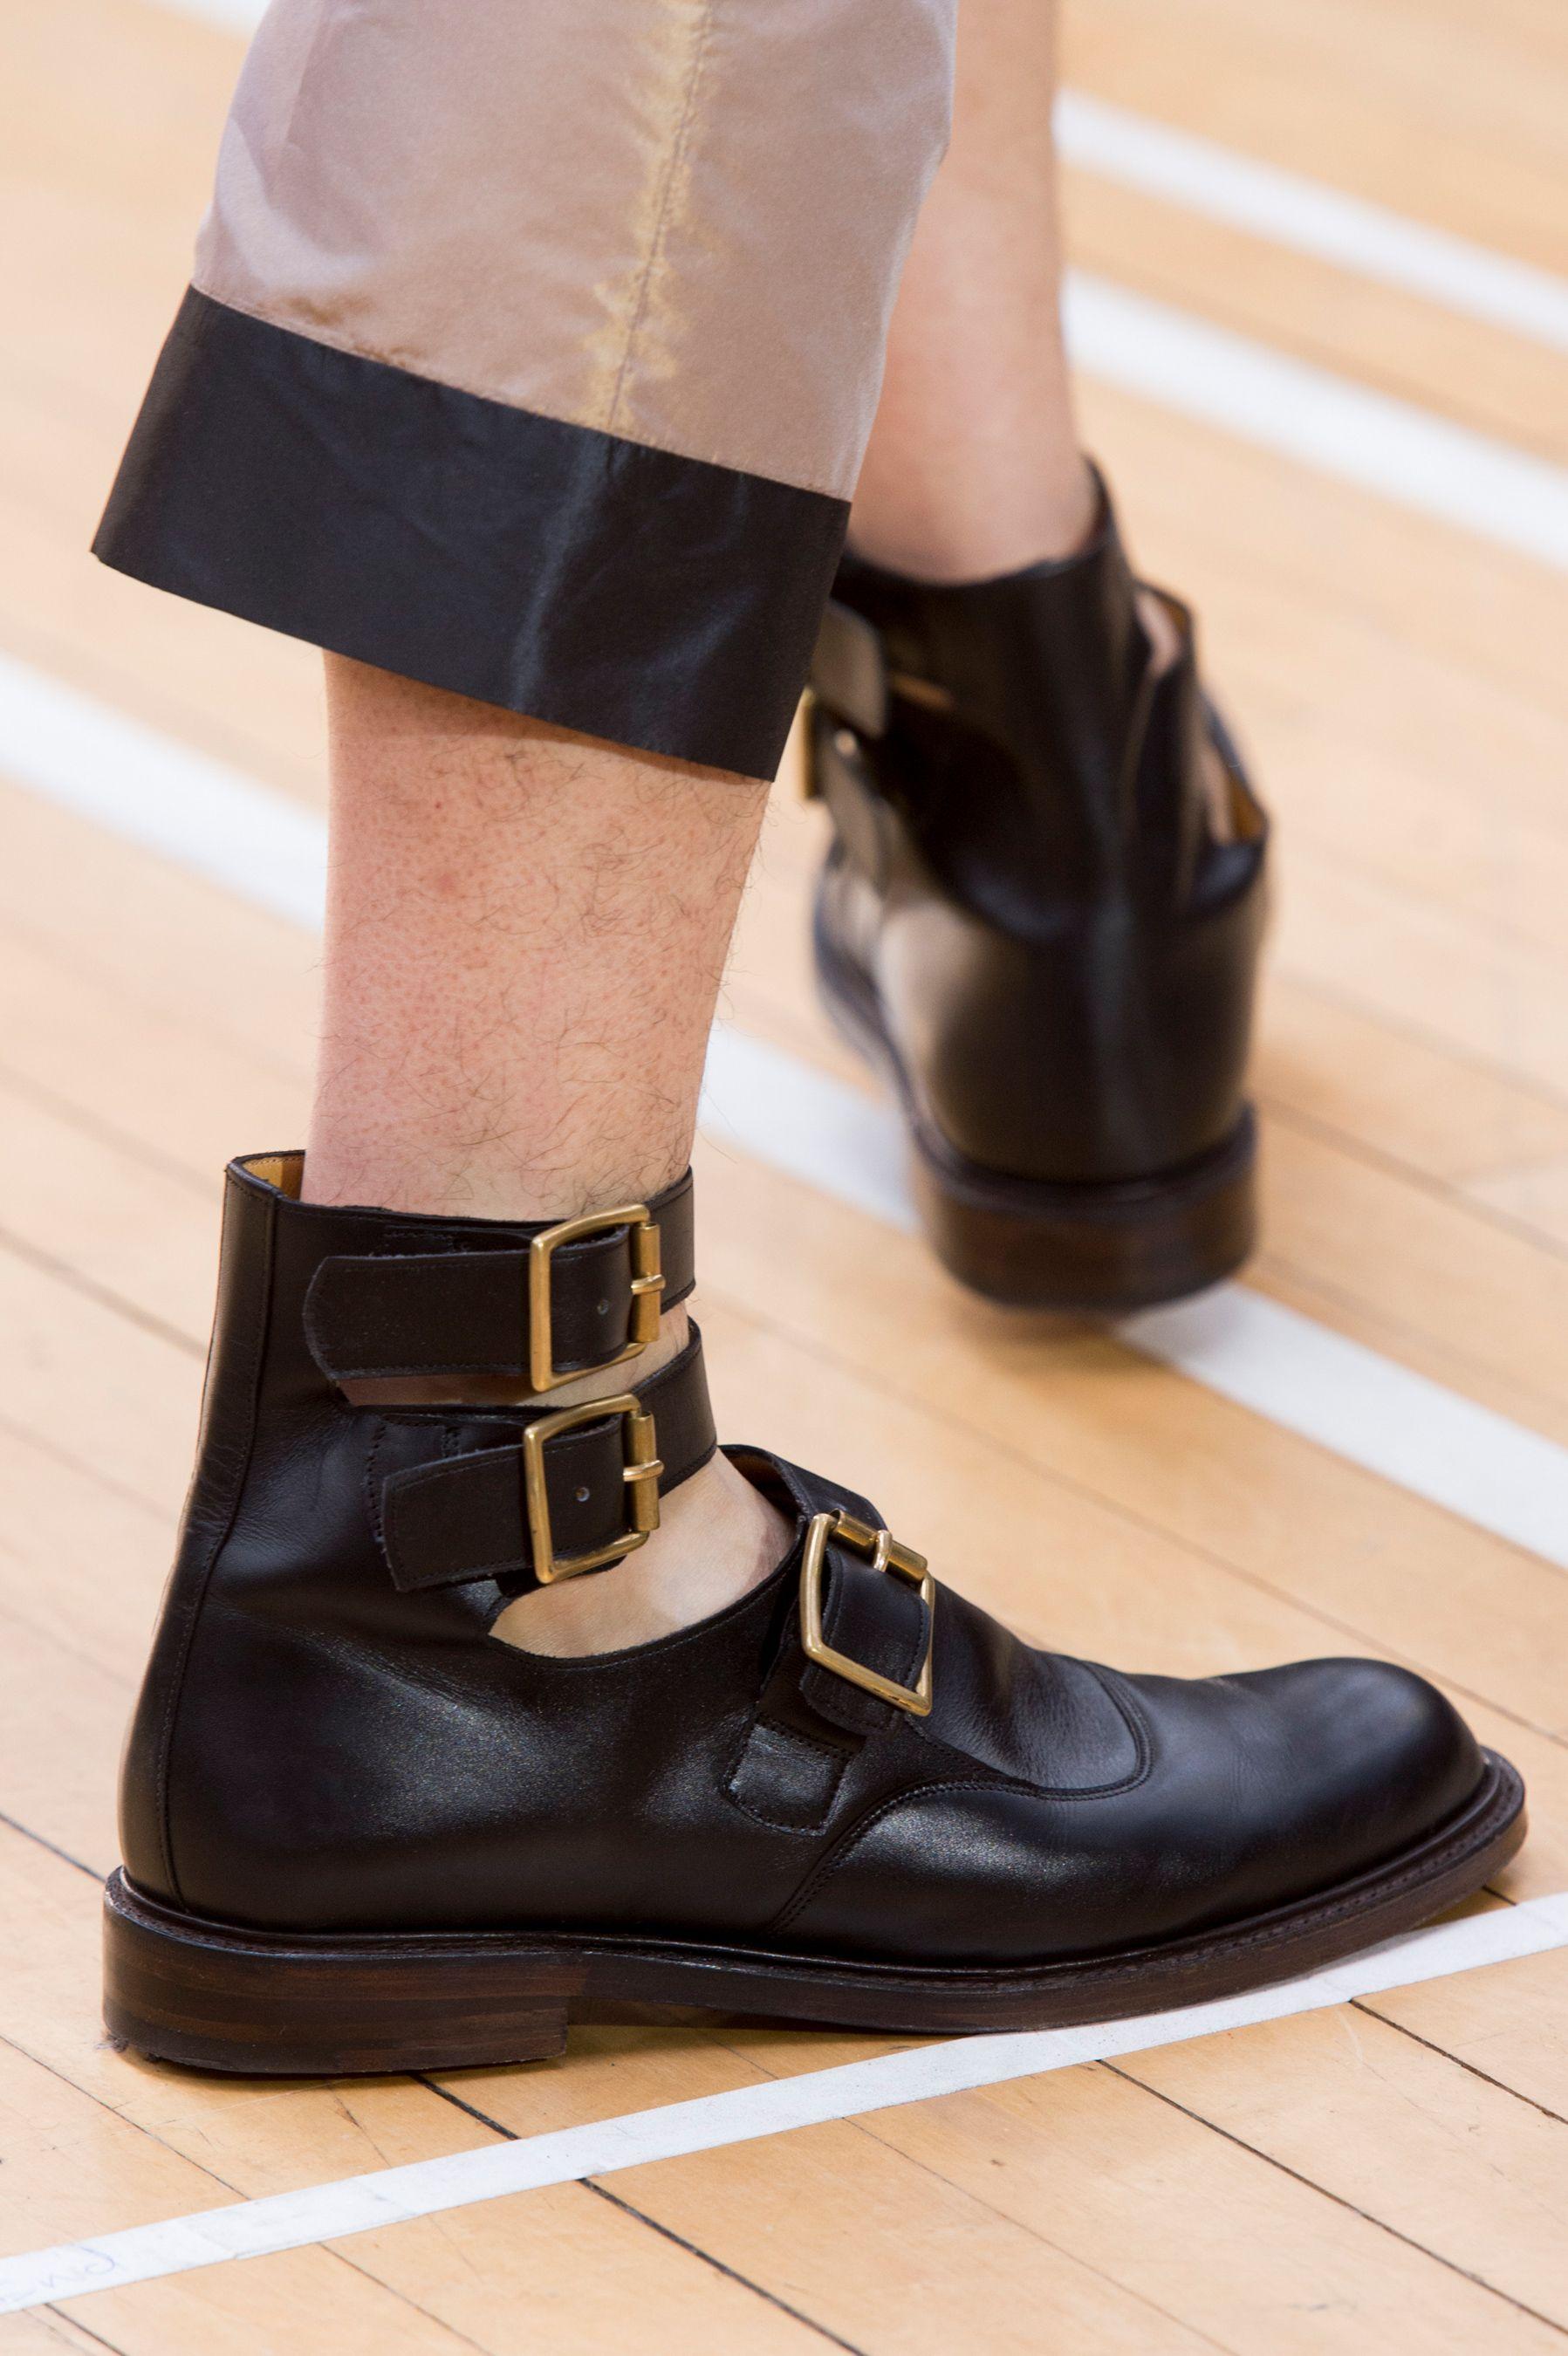 Vivienne Westwood весна лето 2018 ботинки